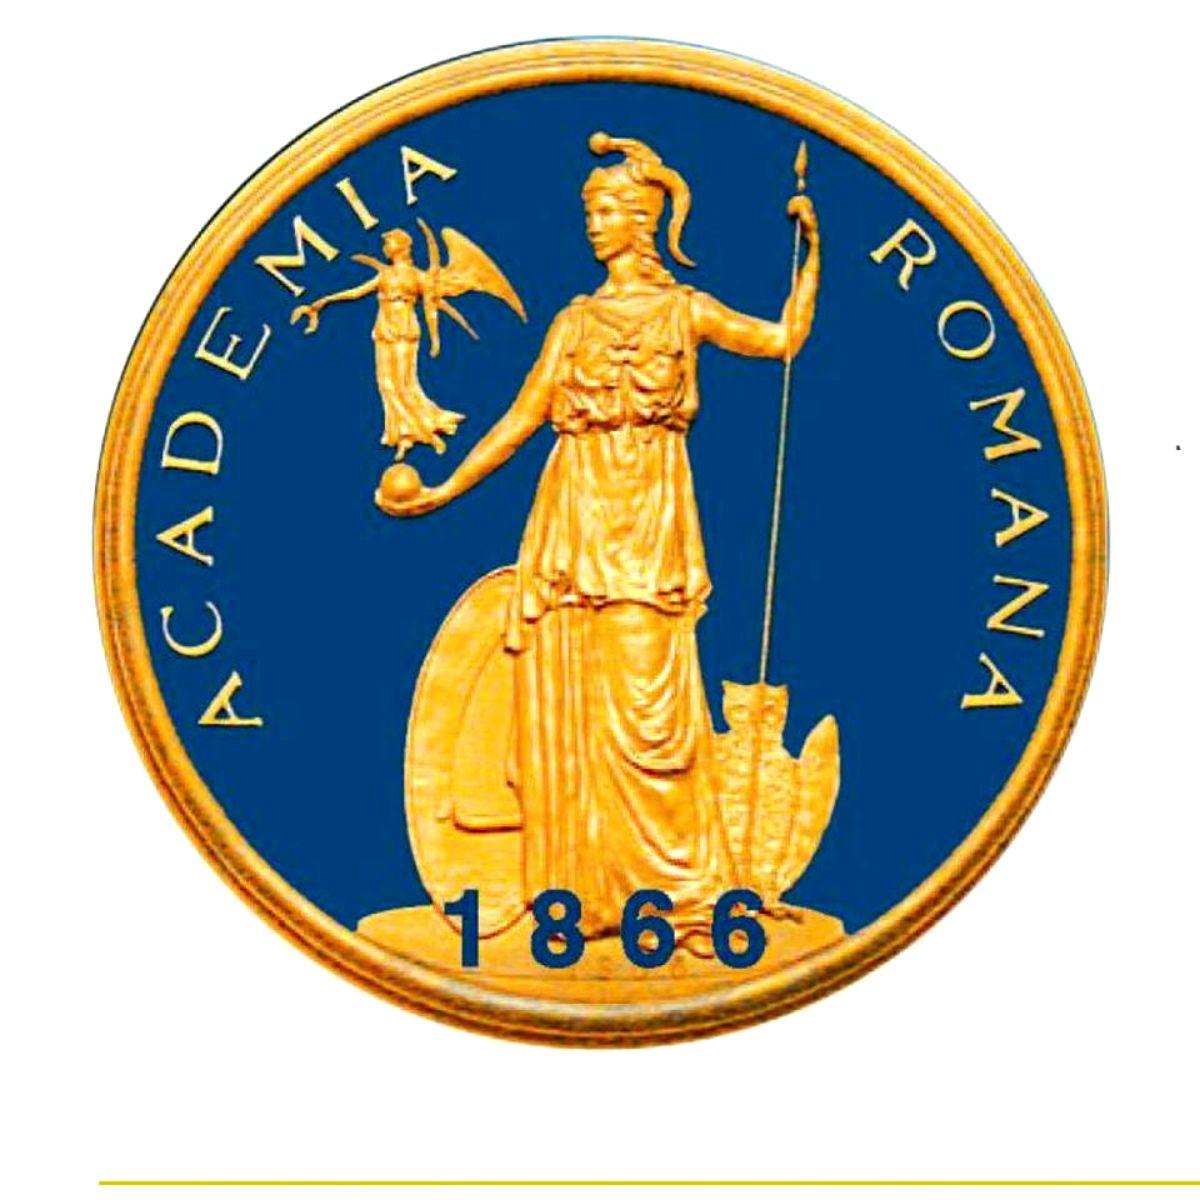 """Exclusiv. Scandal rușinos între """"nemuritori"""". Dar cine apără onoarea Academiei Române?"""